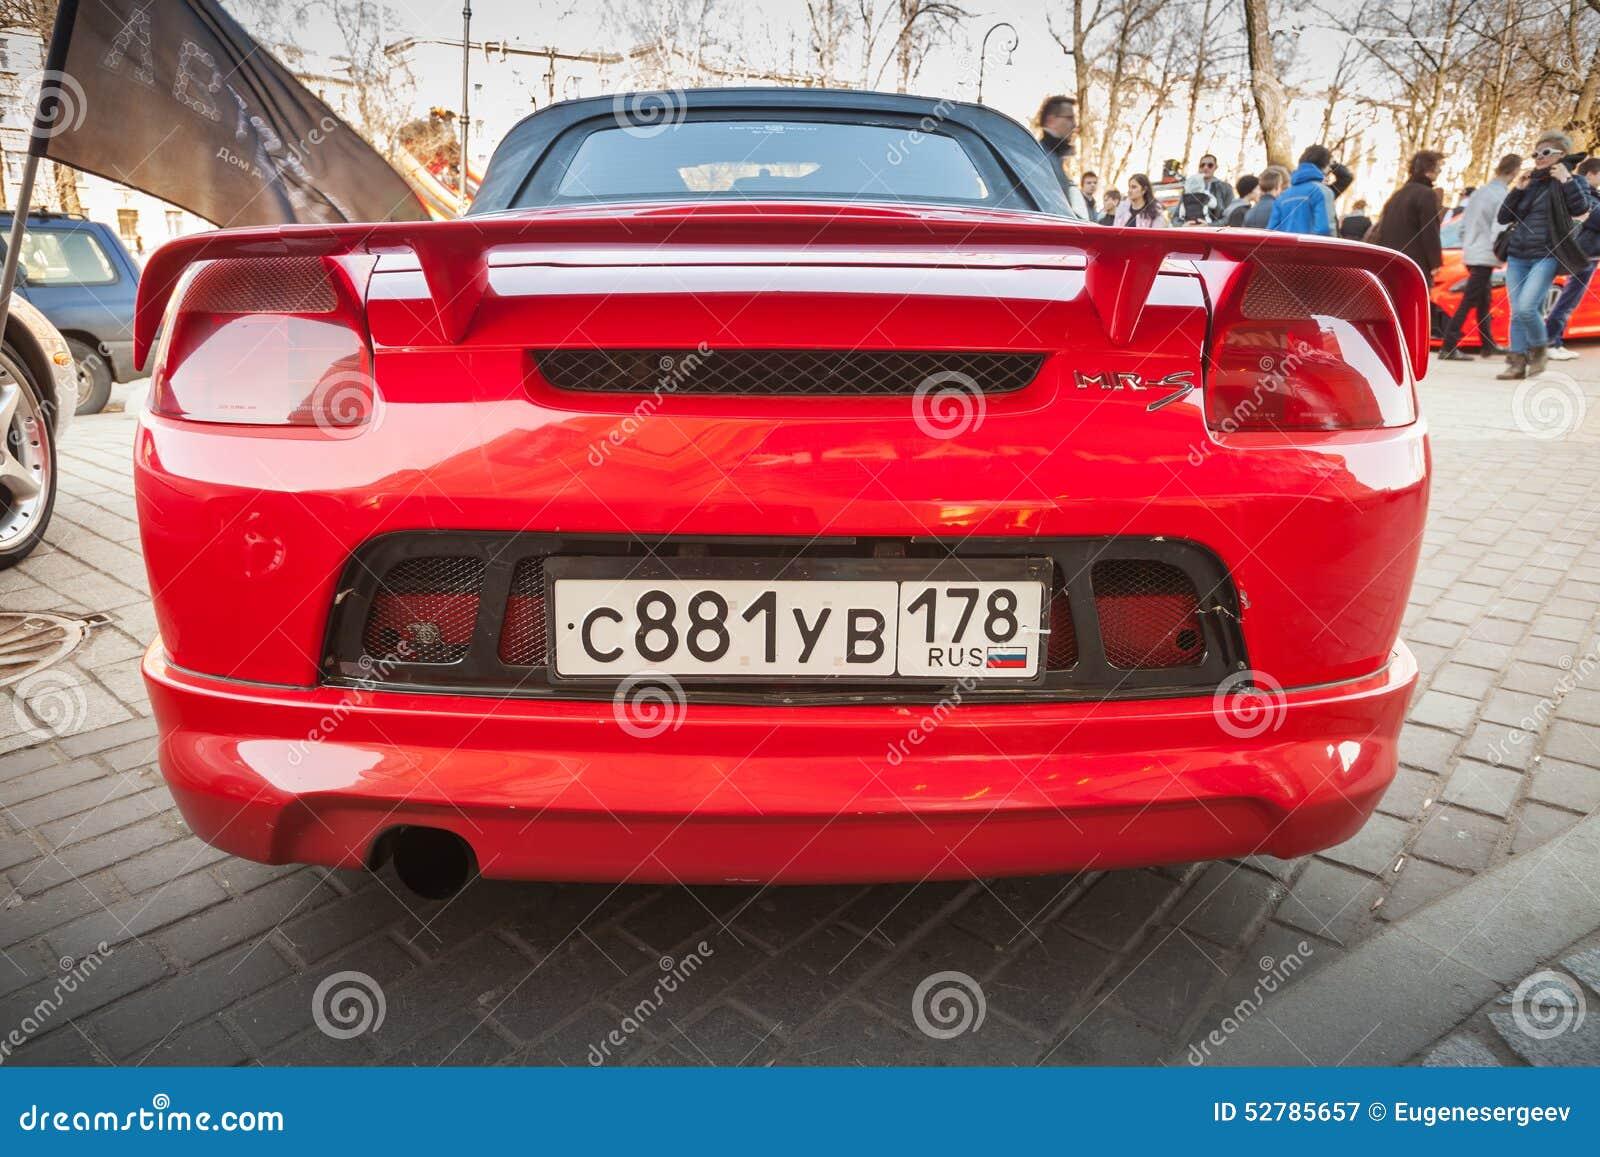 SRA. denominada desportiva vermelha brilhante carro de Toyota, vista traseira